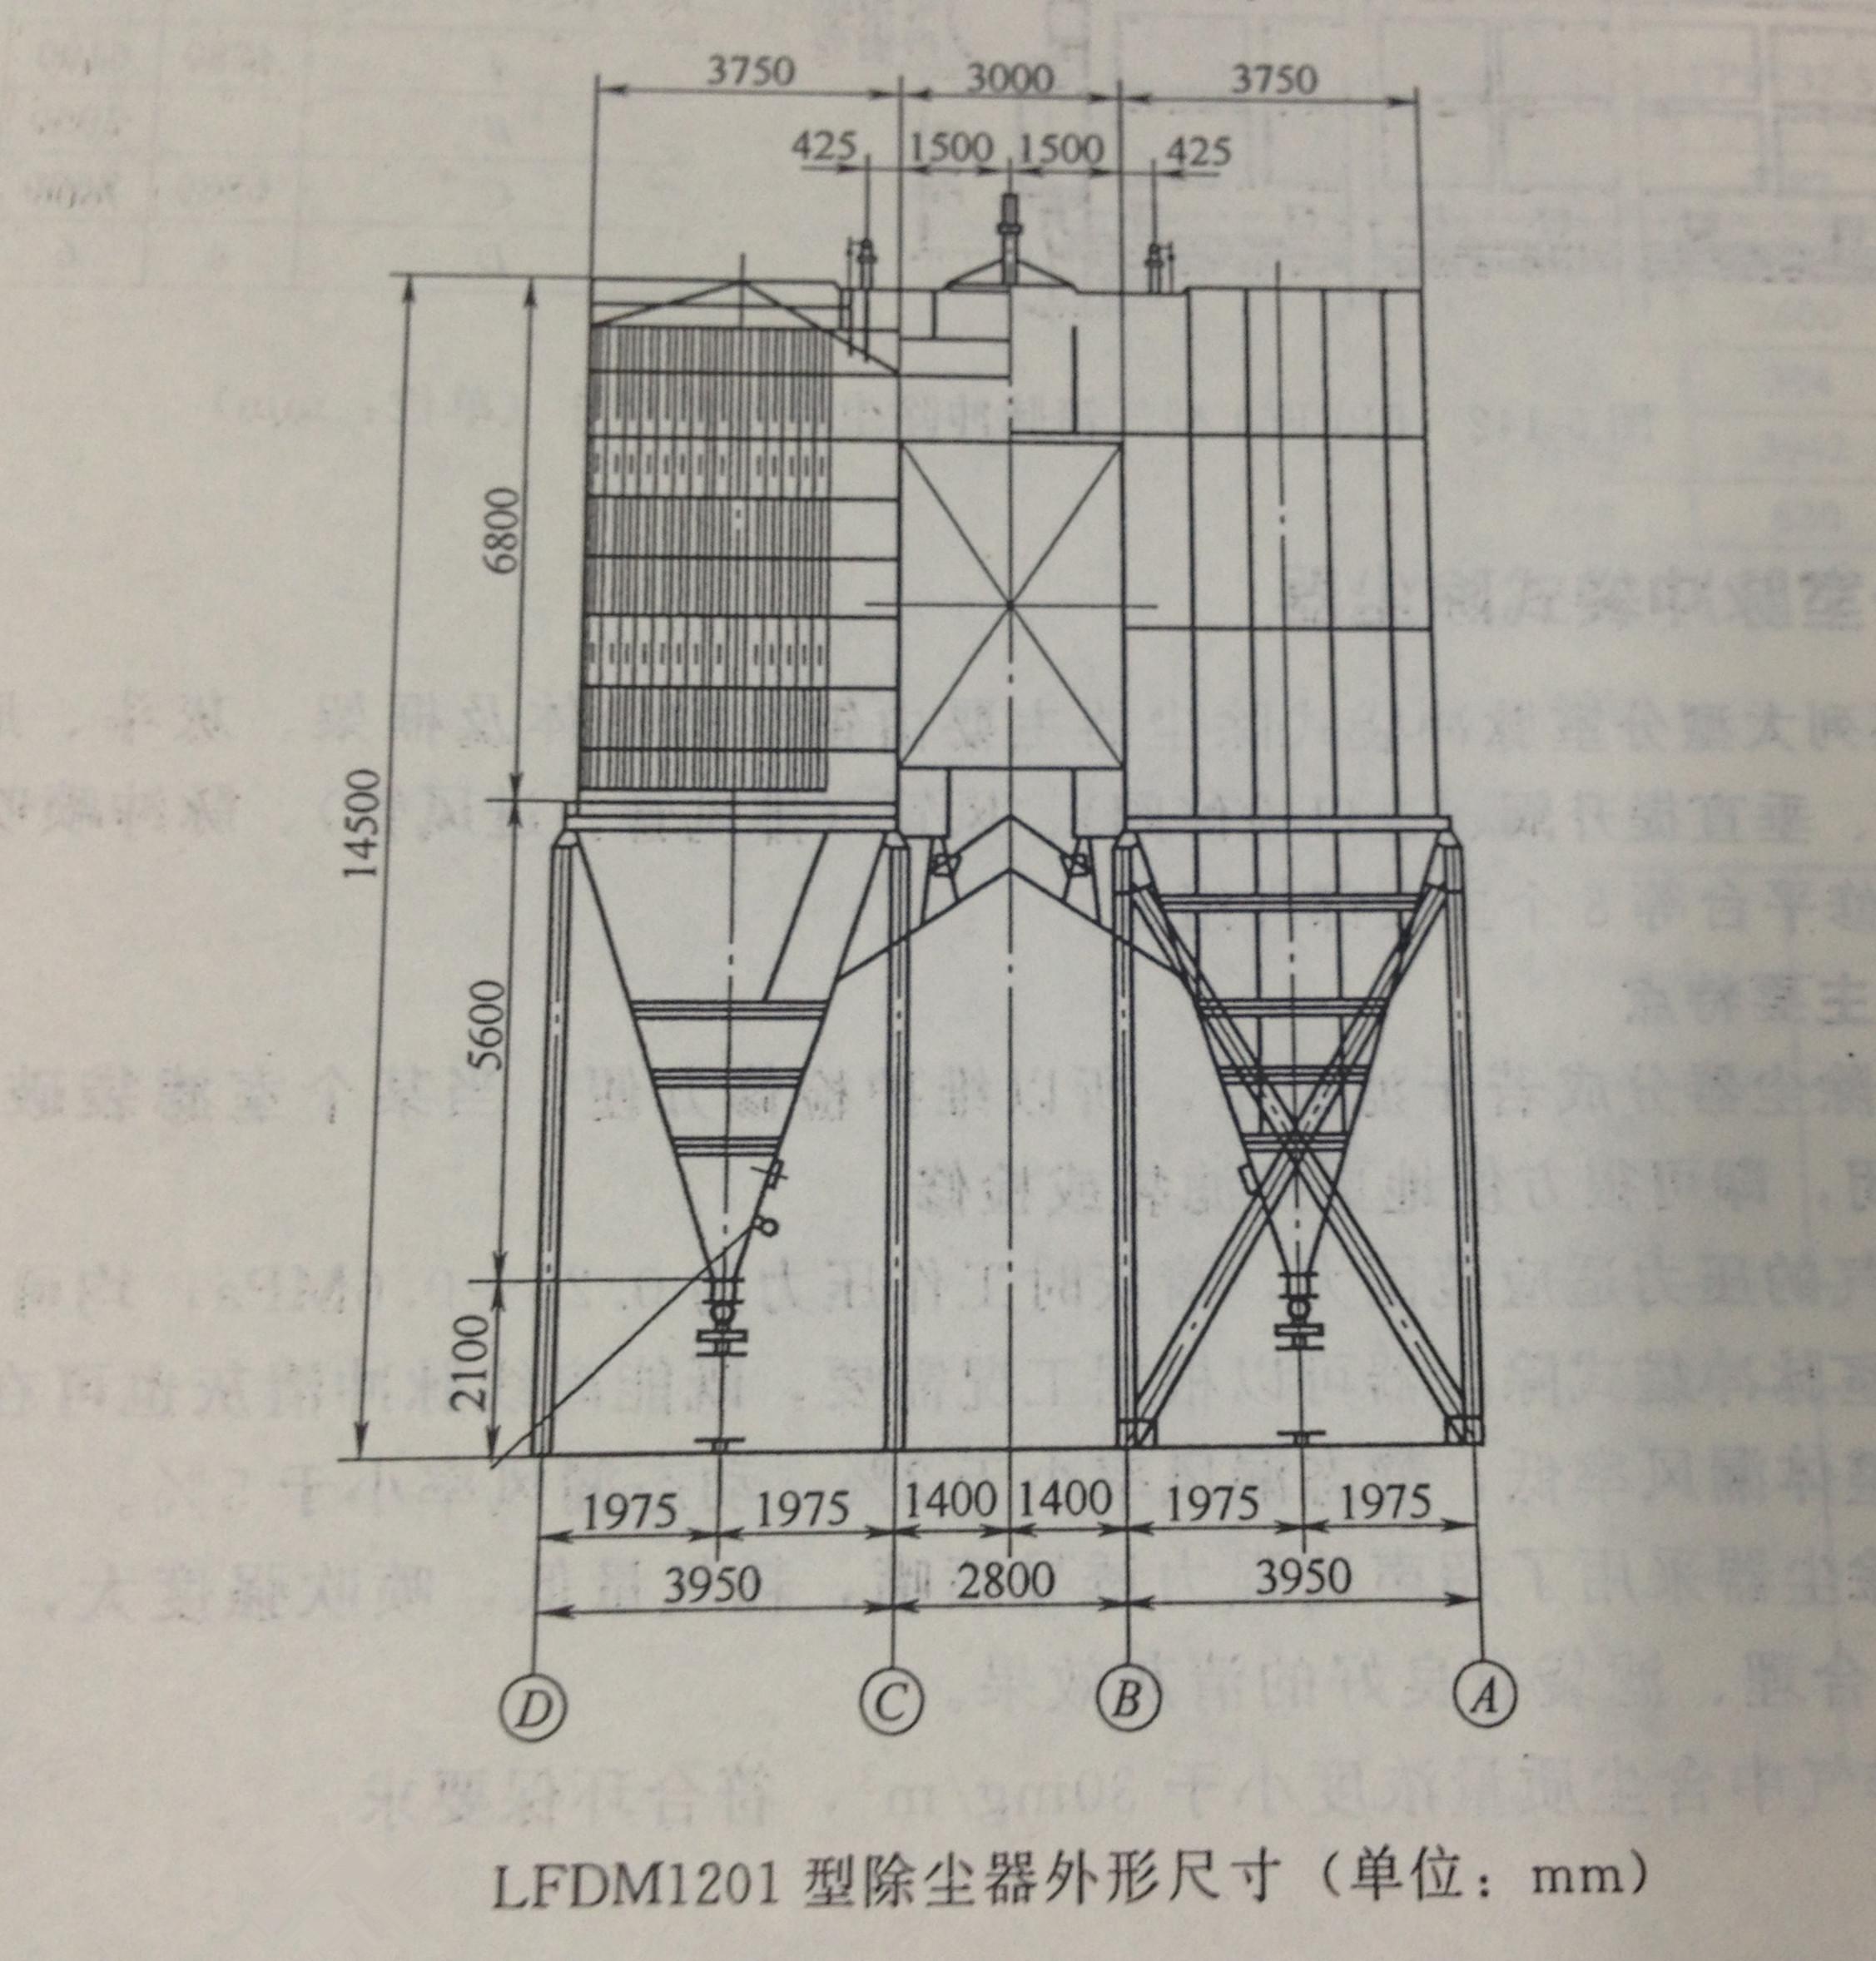 (1)由于把除尘器分为若干除尘布袋室,所以维护检修方便,当某个室除尘布袋破损后把该室进排风口阀门关闭,即可很方便地更换除尘布袋或检修。 (2)压缩空气的压力适应范围大,清灰时工作压力为0.25~0.6MPa,均可进行有效工作。 (3)大型分室脉冲布袋除尘器可以根据工况需要,既能离线脉冲清灰也可在线运行。 (4)除尘器整体漏风率低,静态漏风率小于2%,动态漏风率小于5%。 (5)该系列除尘器采用了超声速强力诱导喷嘴,耗气量低,喷吹强度大,没票除尘布袋受到的喷吹压力均匀、合理、除尘布袋有着良好的清灰效果。 (